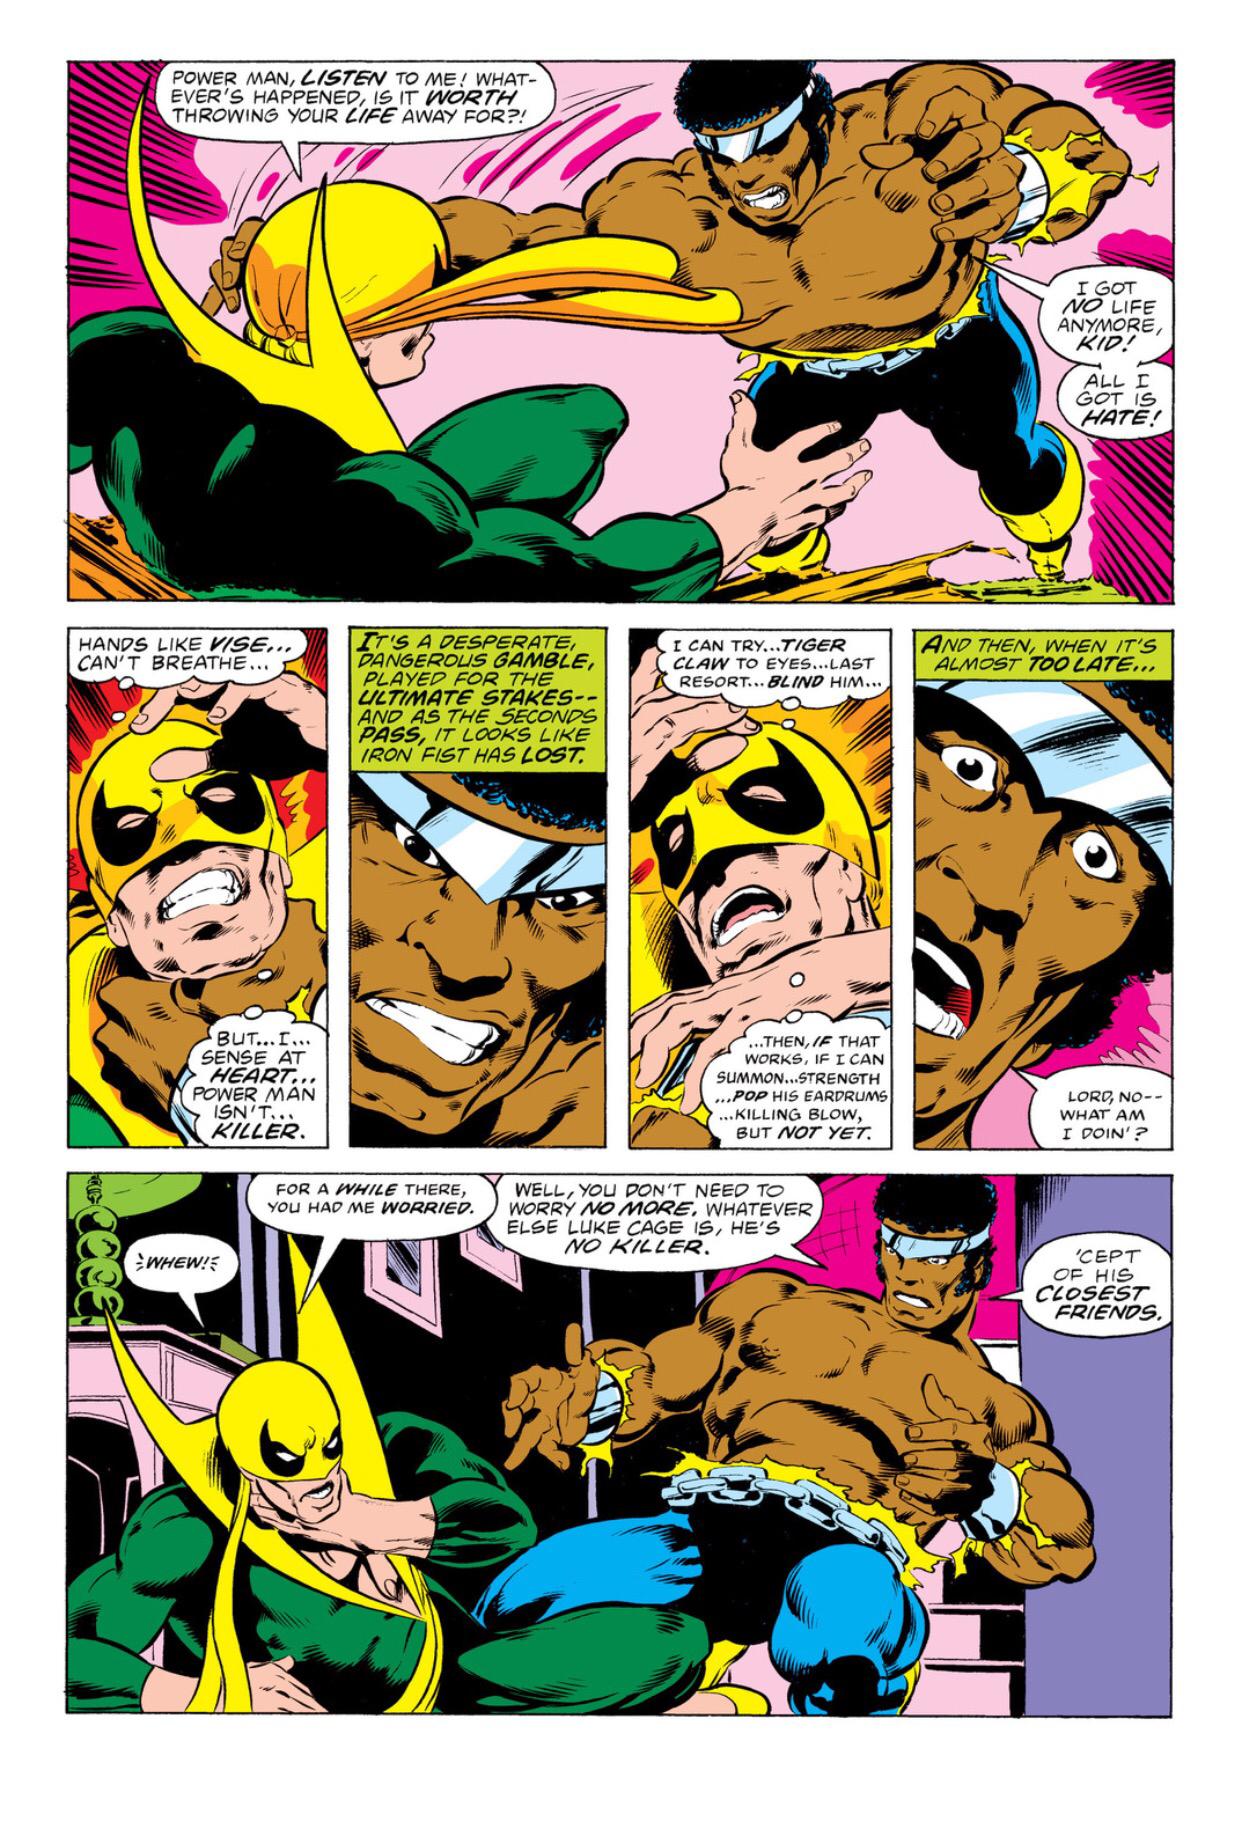 Iron fist vs iron man